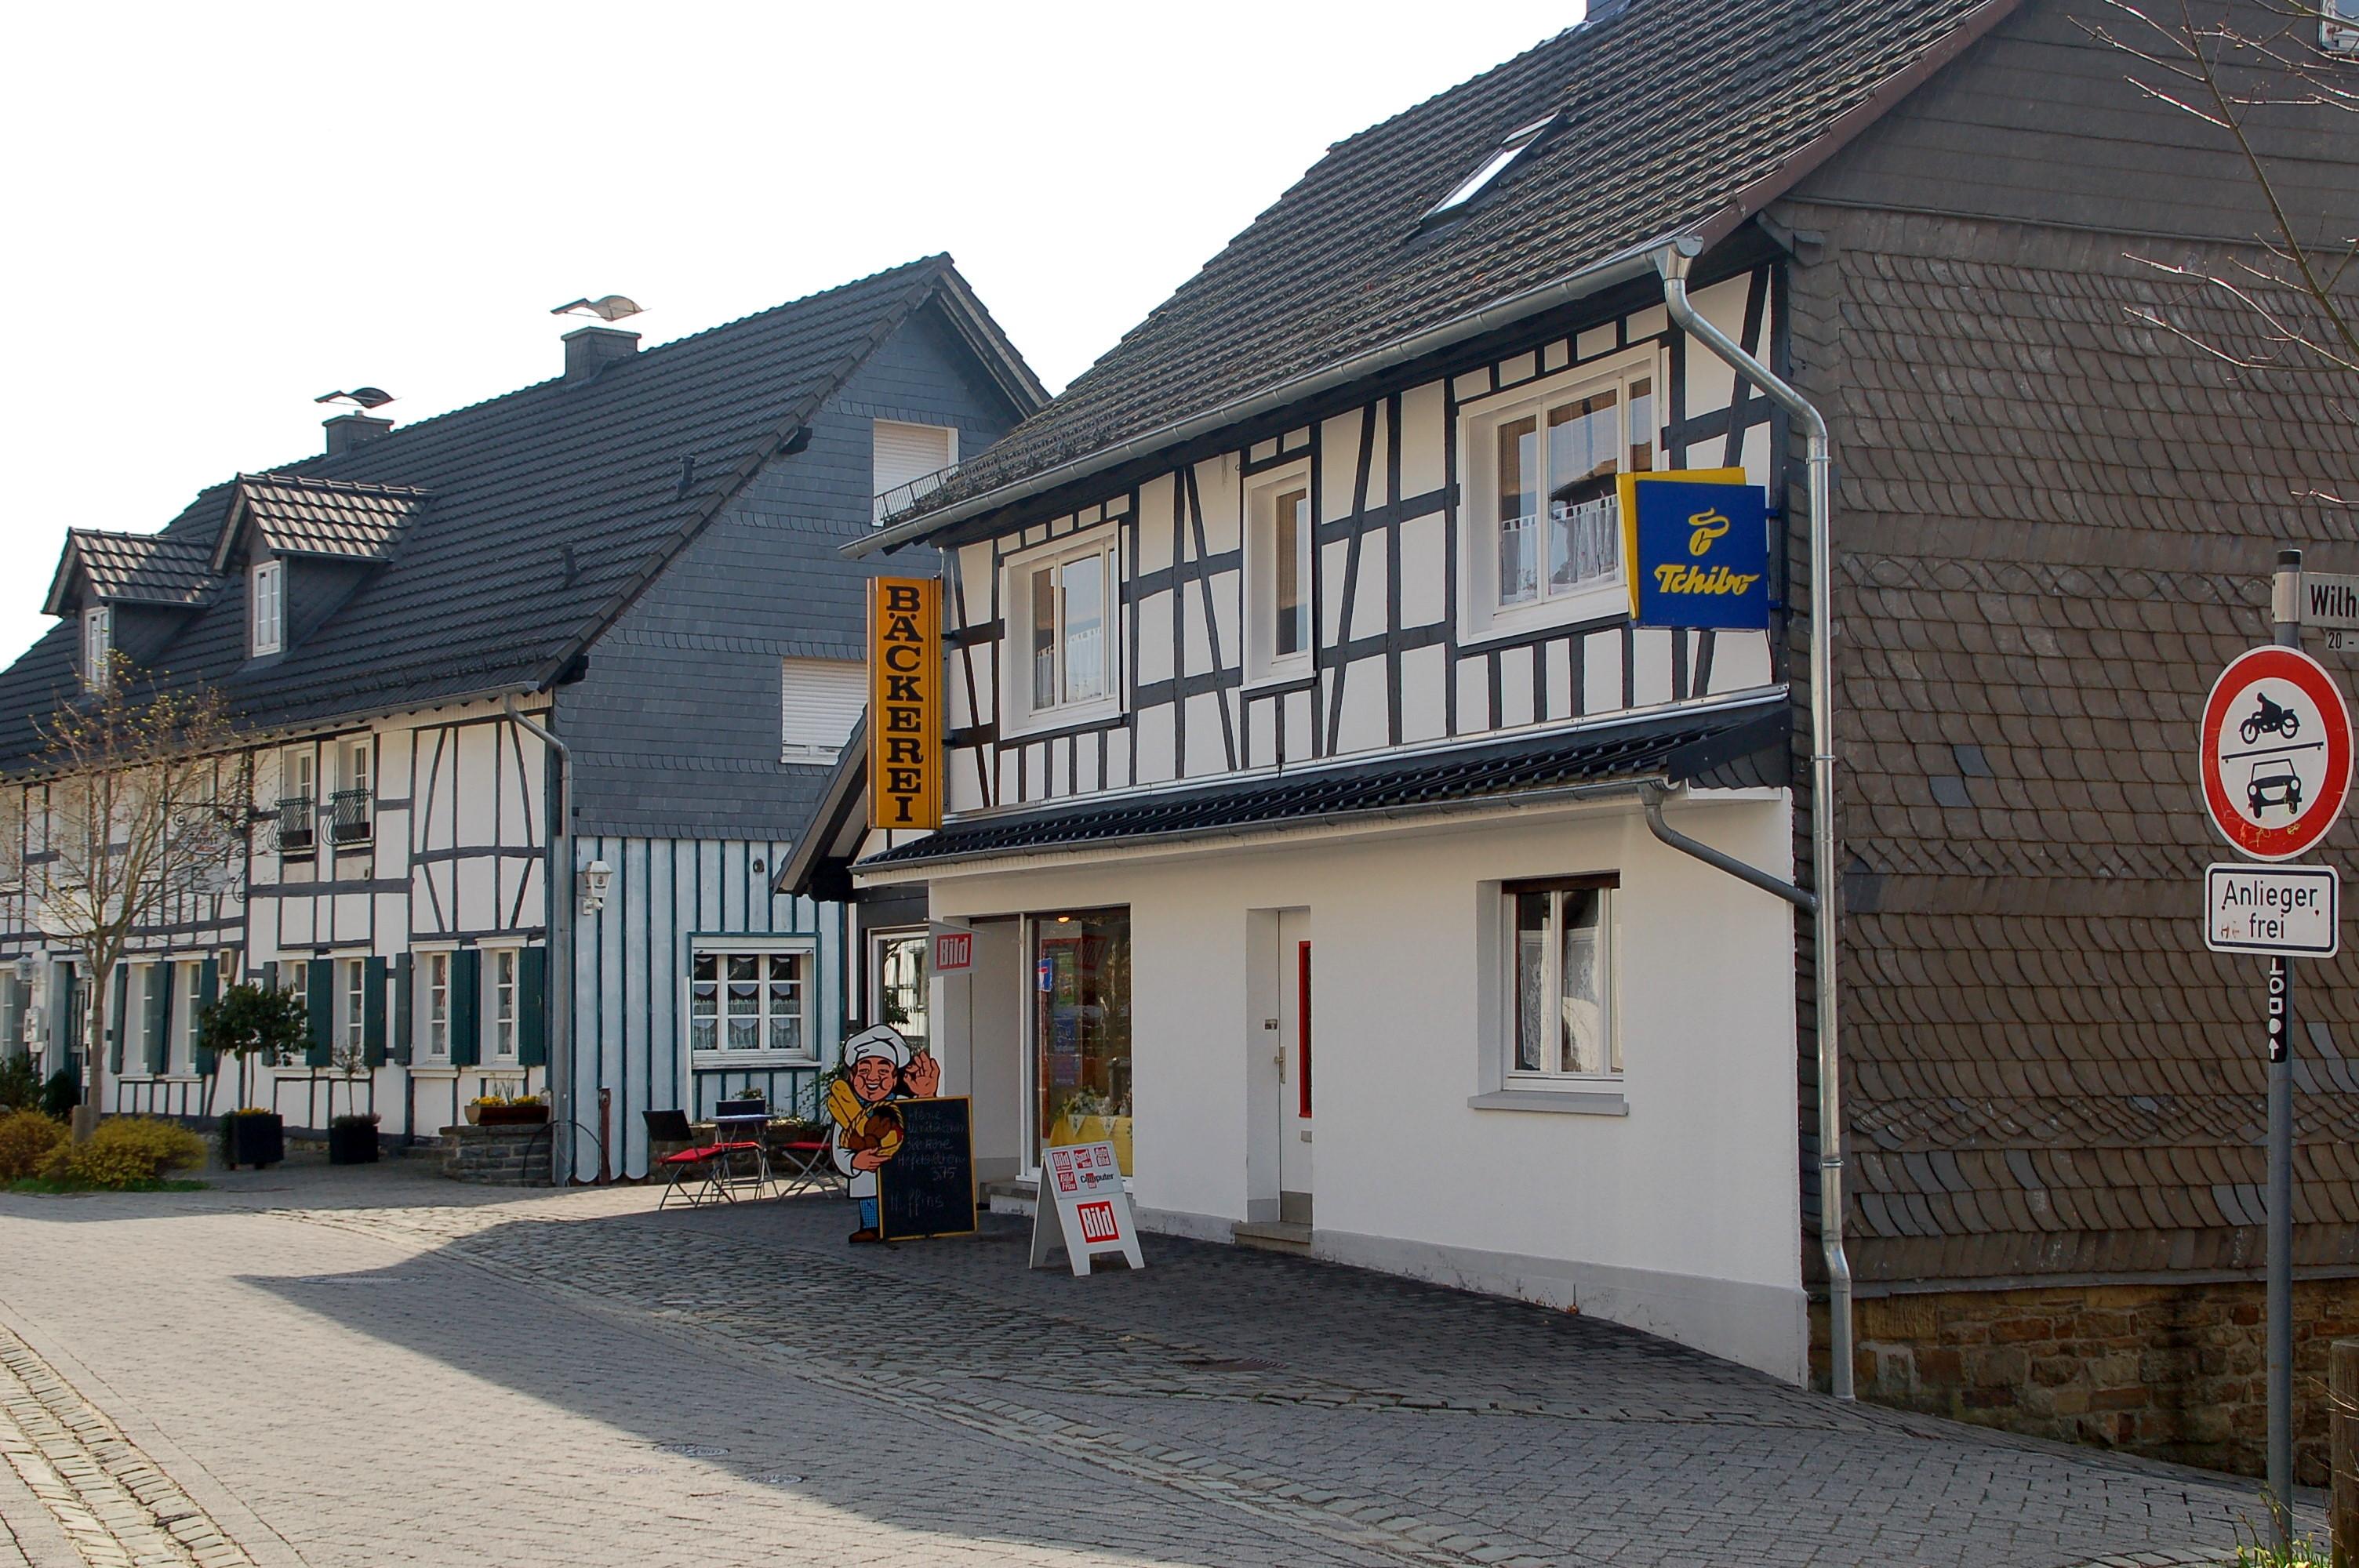 Liste der Gemeinden im Rhein-Sieg-Kreis - Wikiwand